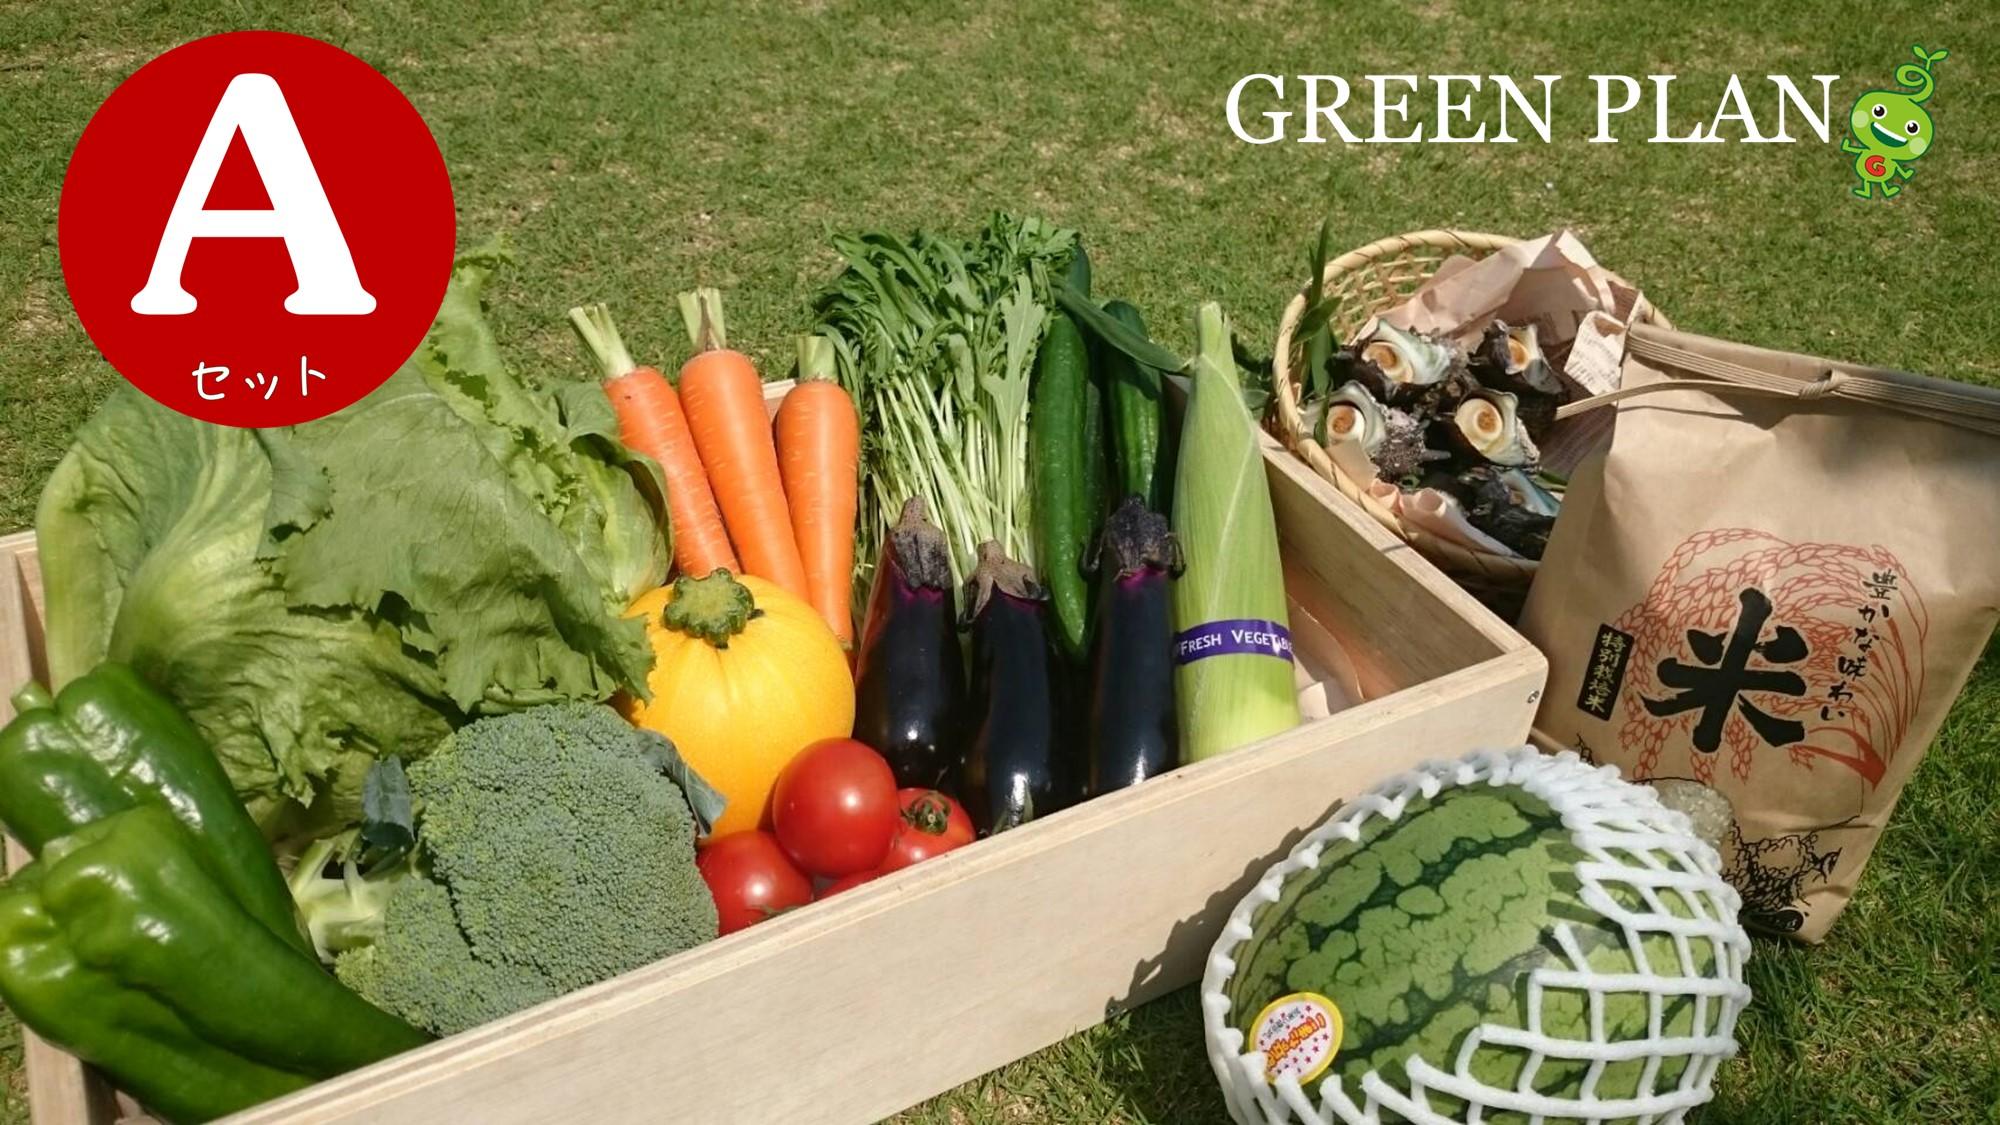 【ギフト用】旬の野菜12種+果物・お米など詰合せAセット